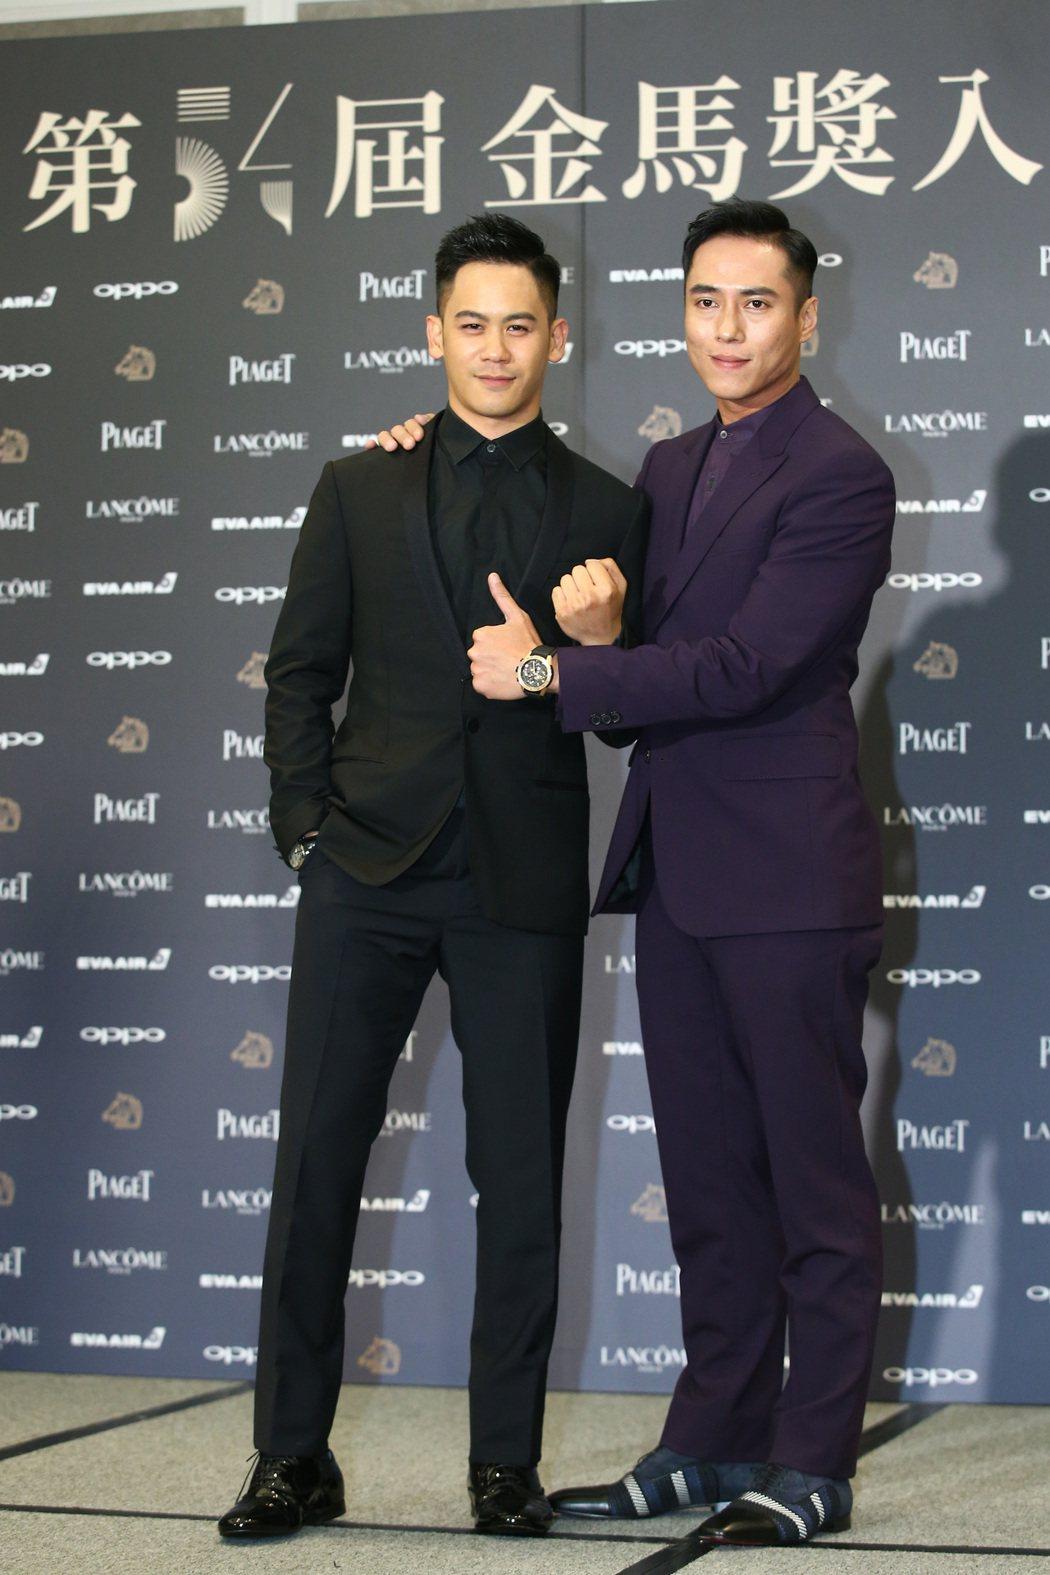 入圍金馬獎最佳男主角獎的莊凱勛(右)、入圍男配角獎的李淳(左)出席入圍酒會。記者...